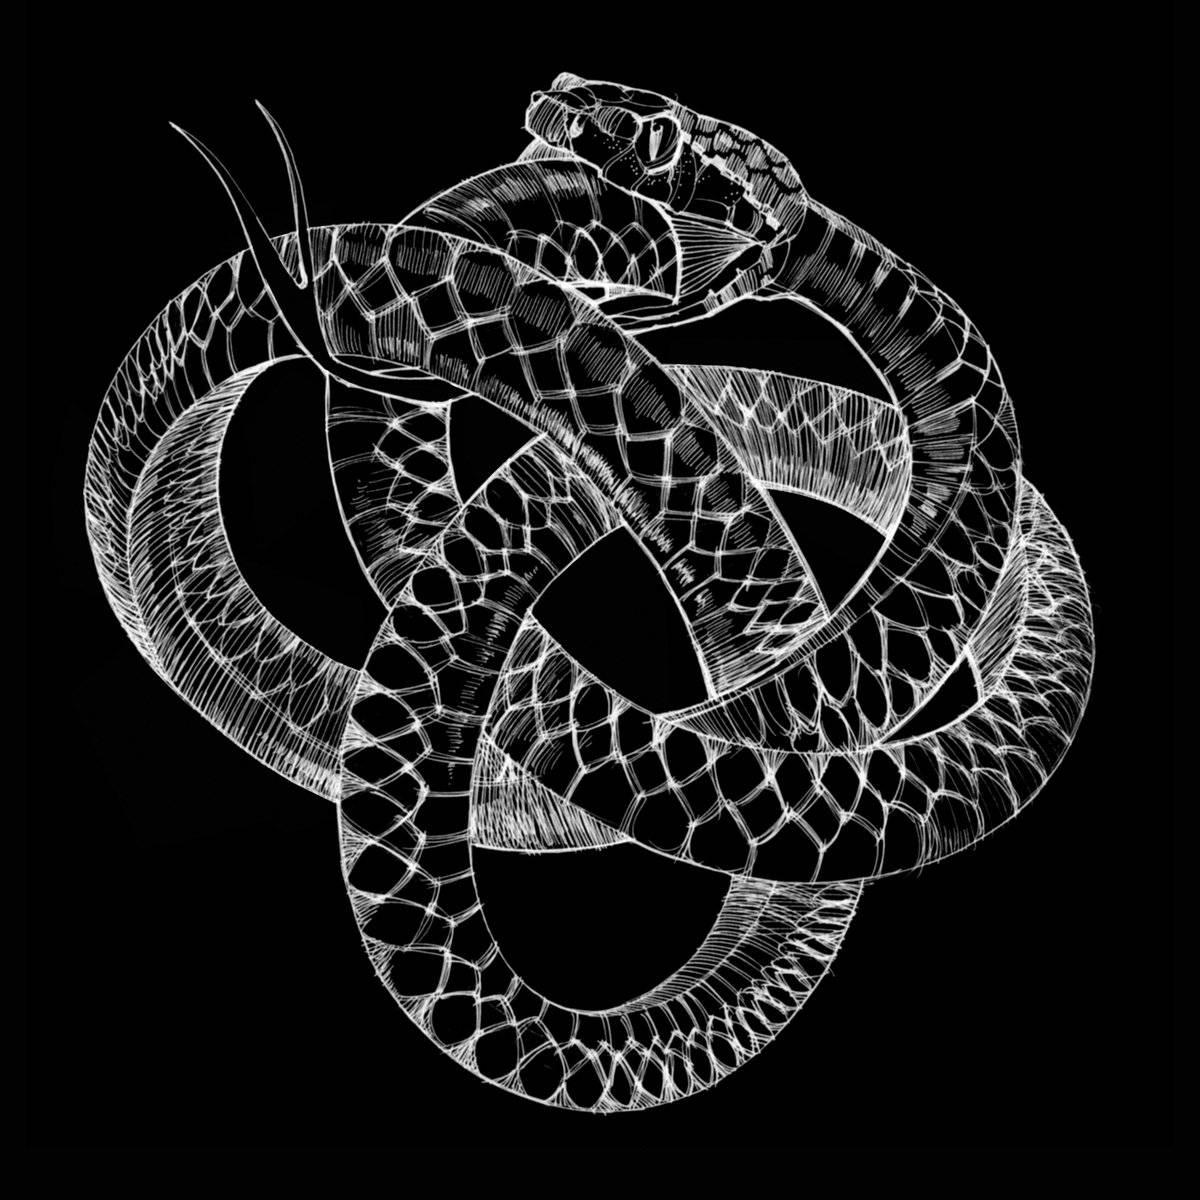 Значение символа уроборос